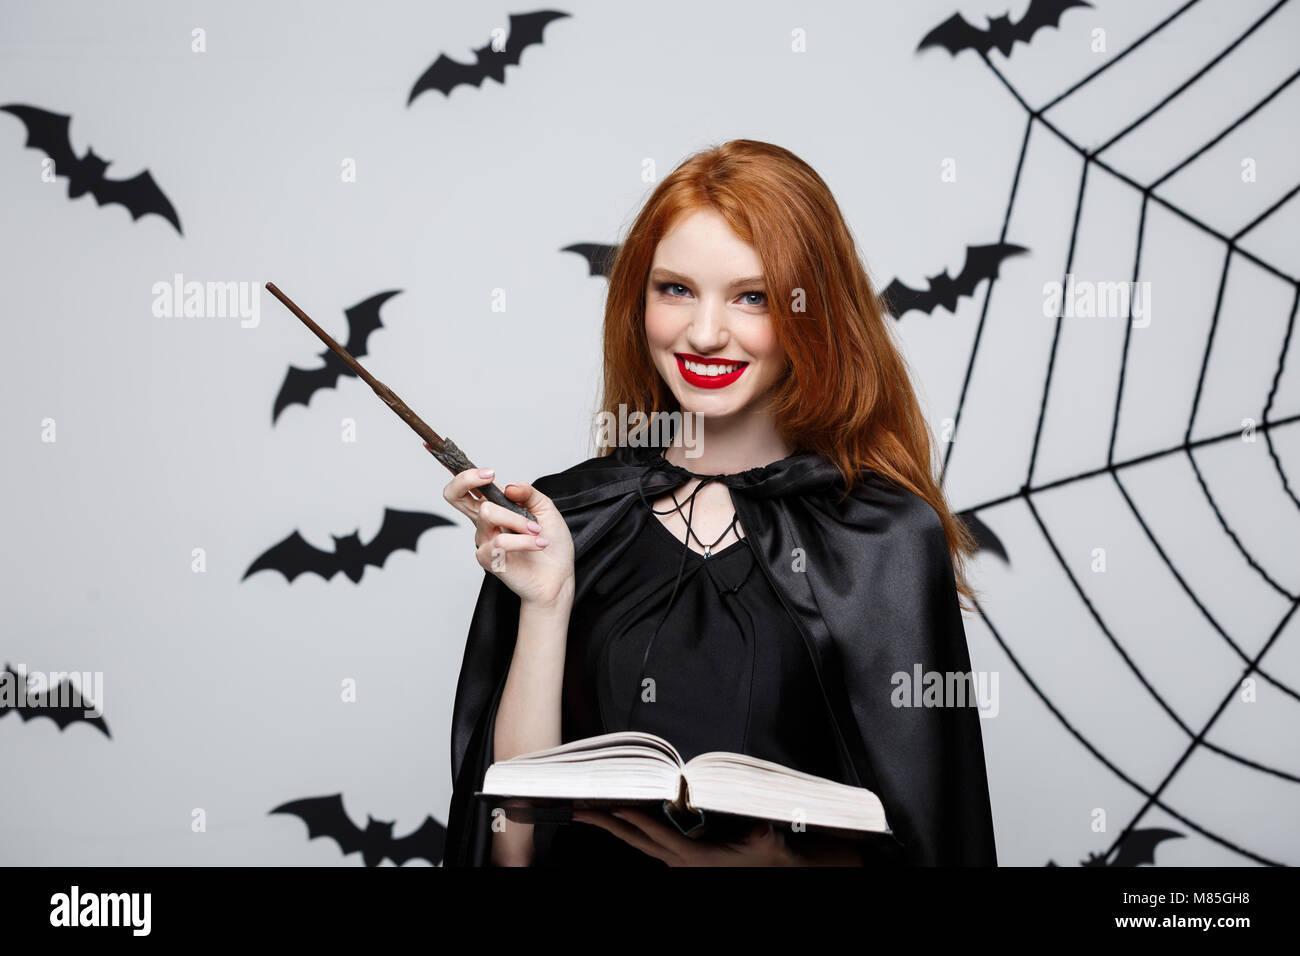 Halloween Konzept - schöne Hexe spielen mit Magic Stick und Magic auf grauem Hintergrund. Stockbild